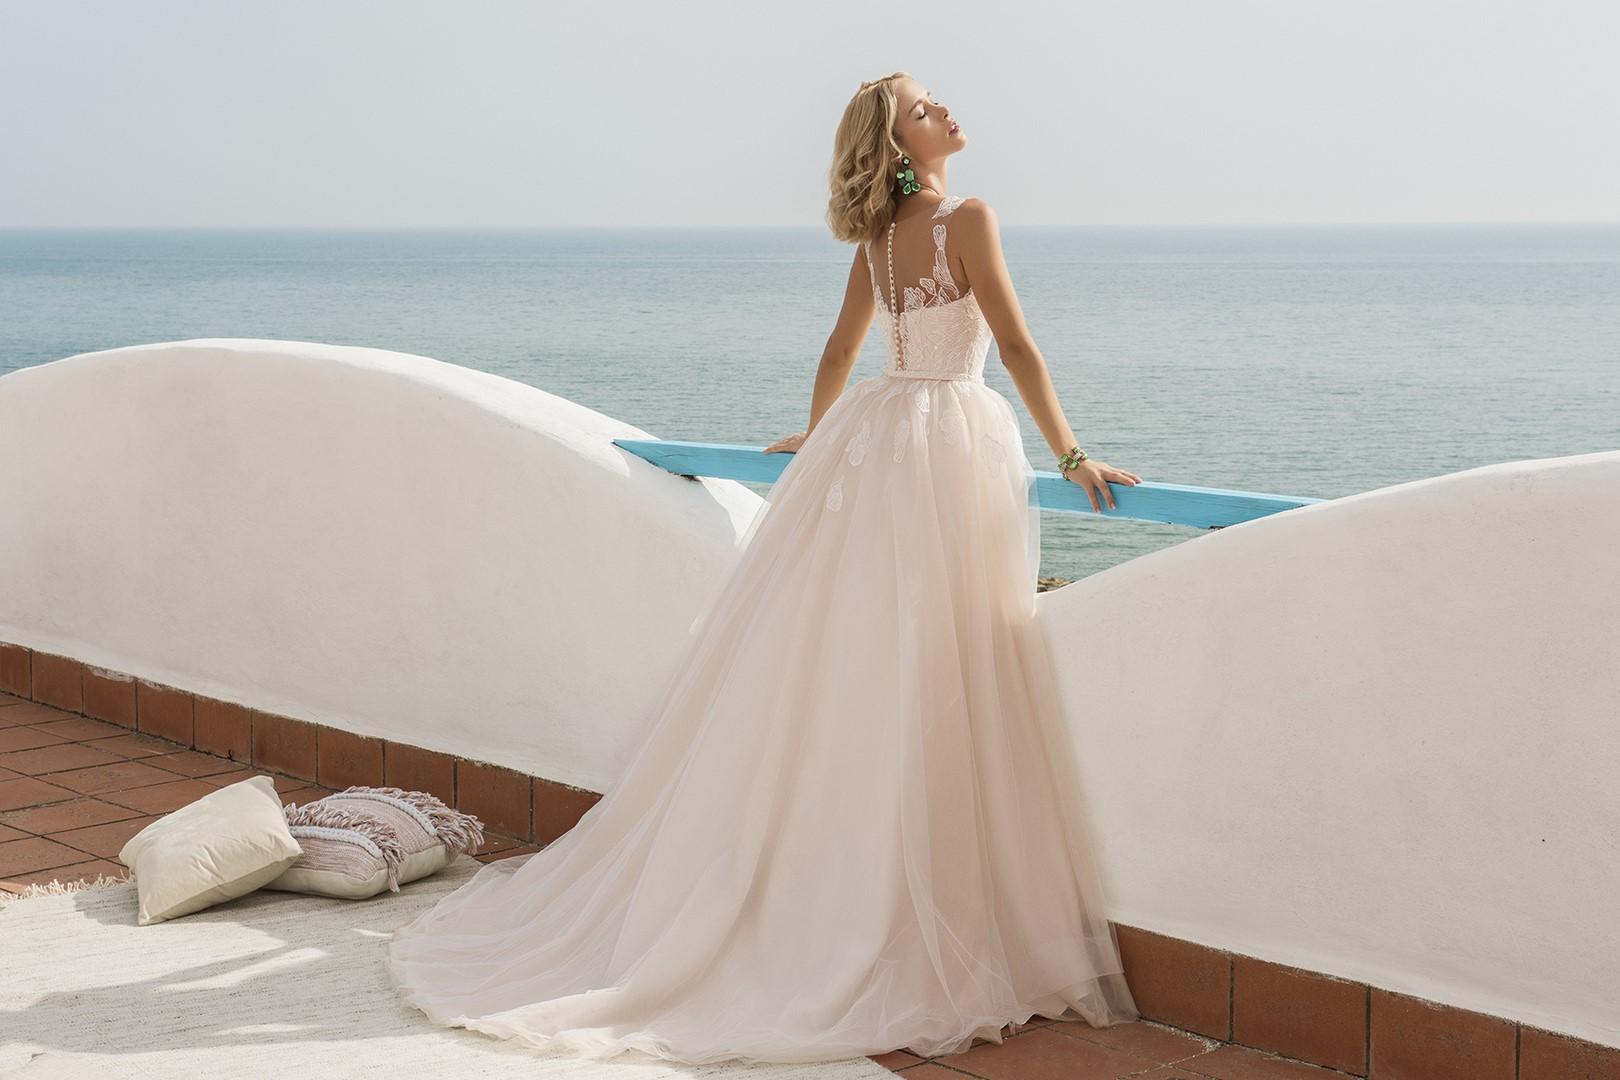 Anastasia-Jillian Elianto-0978 copia Jillian Abiti da sposa Collezione 2020.jpg